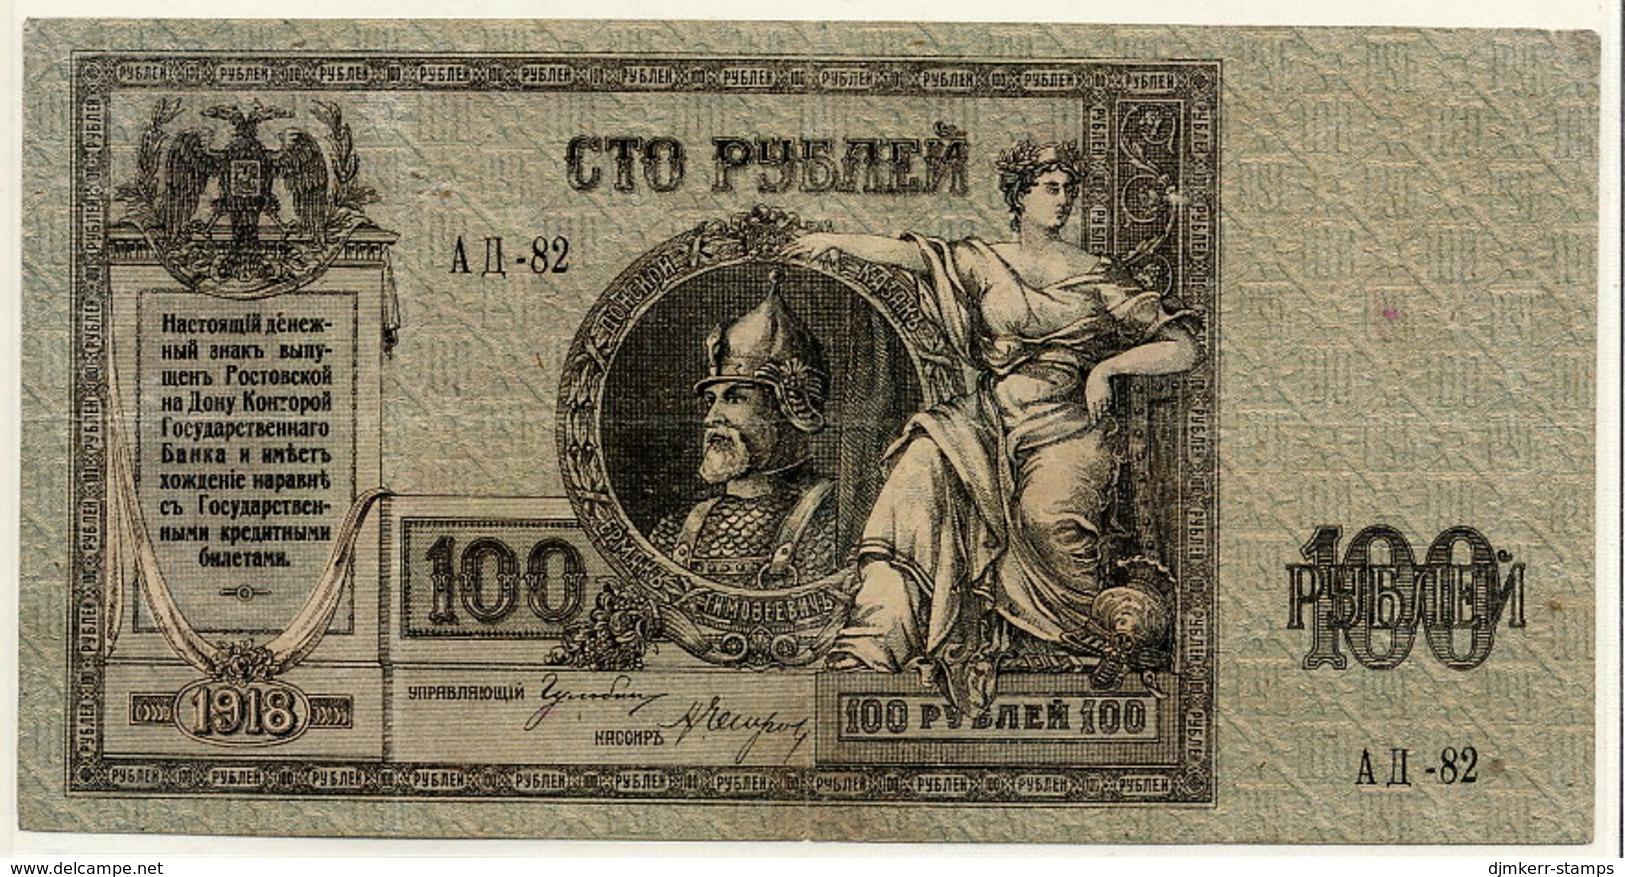 SOUTH RUSSIA 1918  100 Rubles VF  S413 - Russia